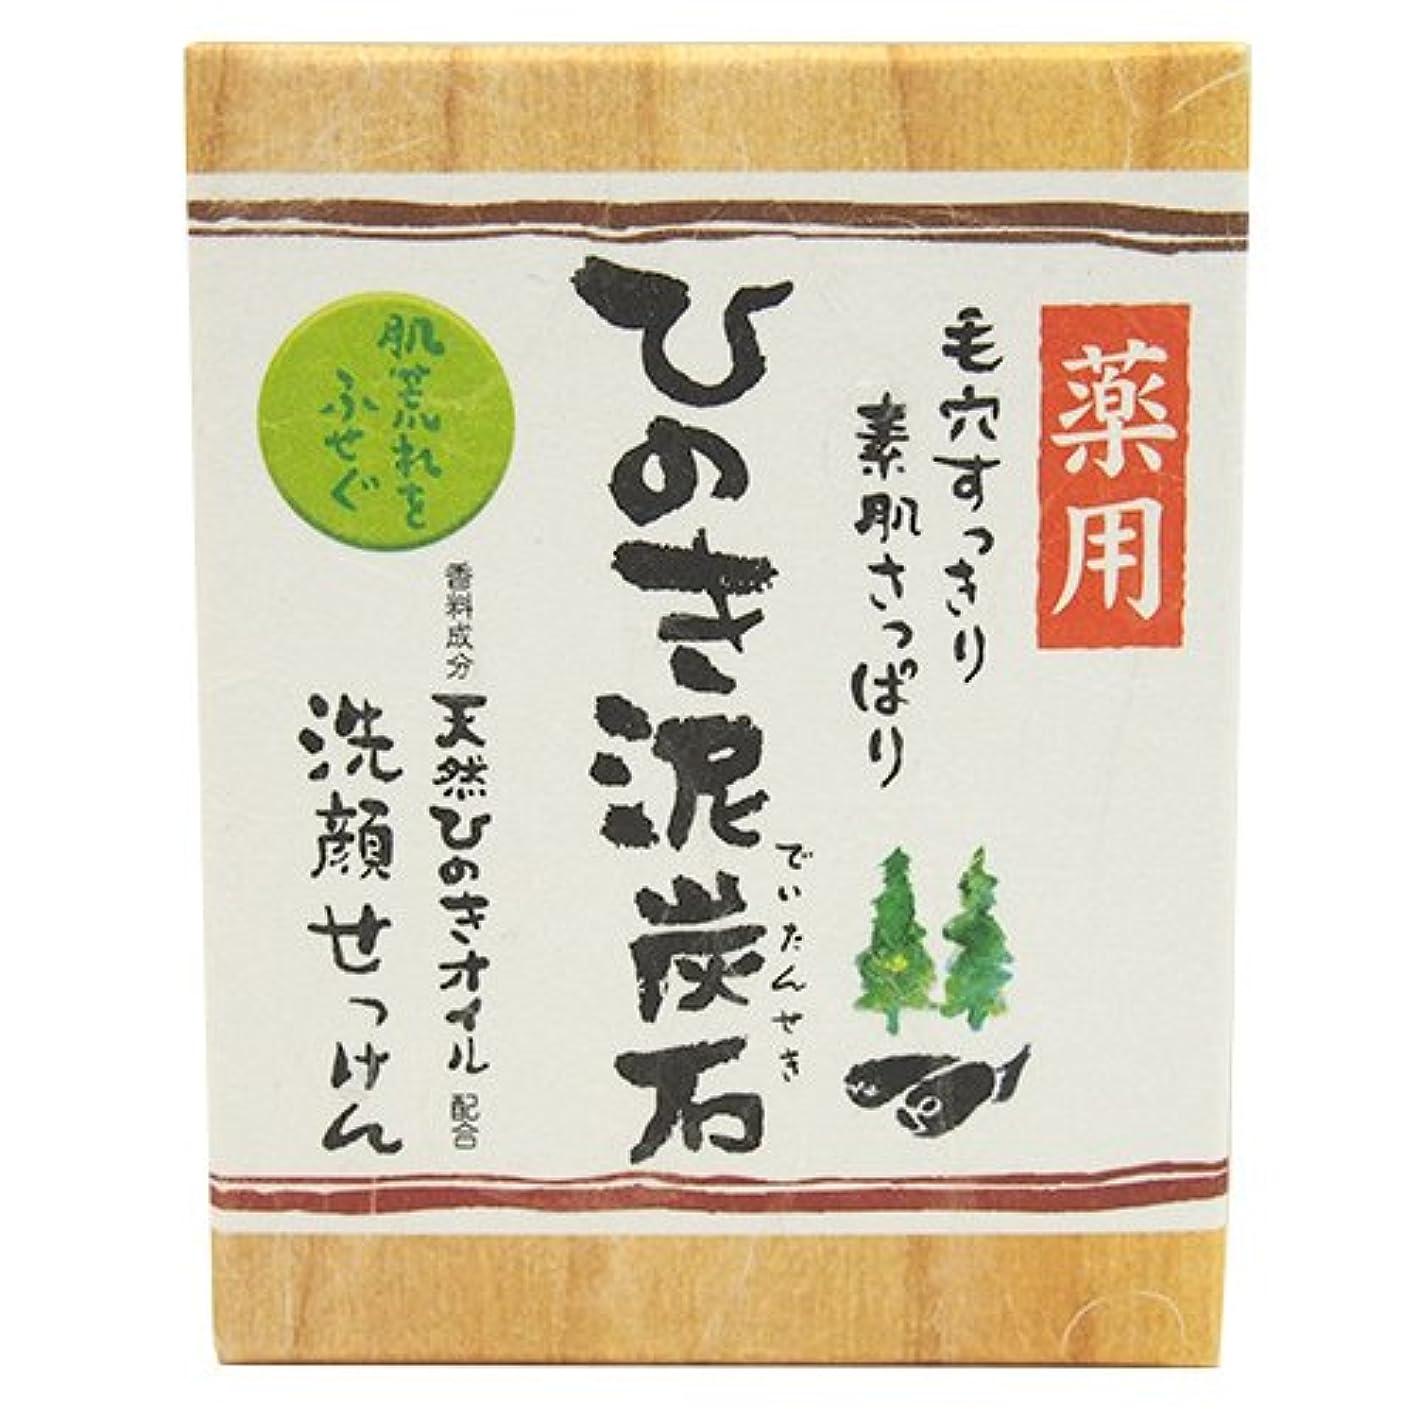 拡張特派員ながら東京宝 薬用ひのき泥炭石 すっきり黒タイプ 洗顔石鹸 75g